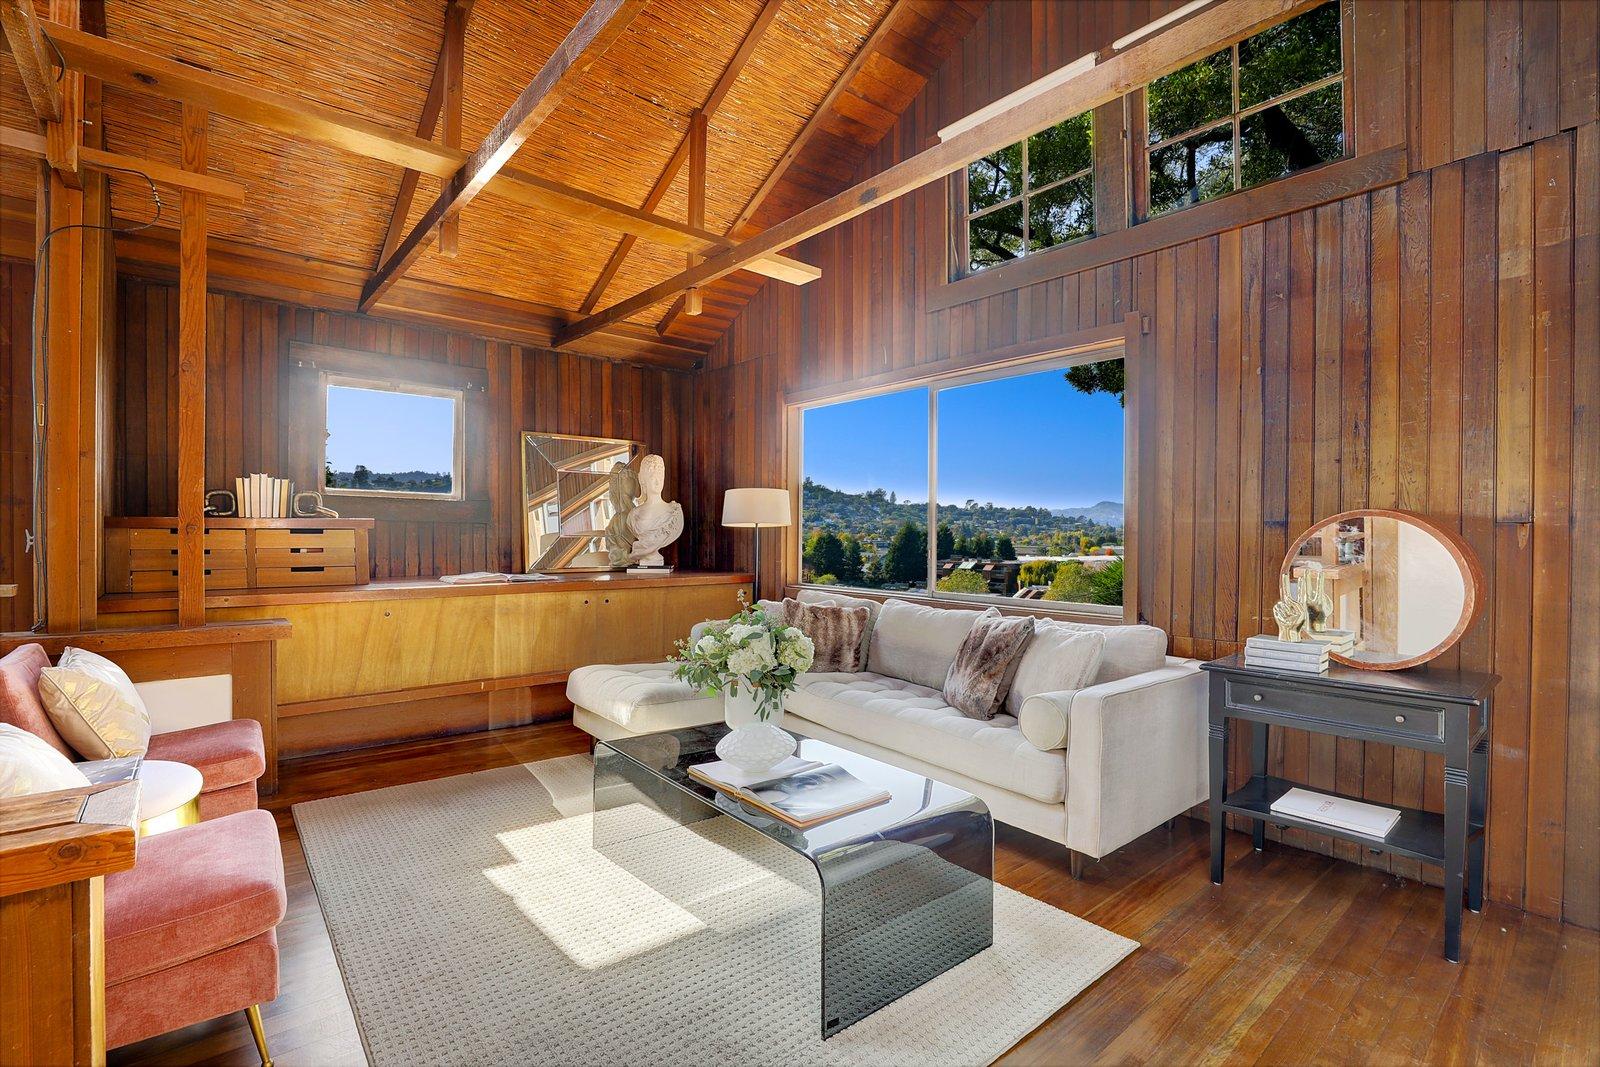 Red Barn Charles Warren Callister living room